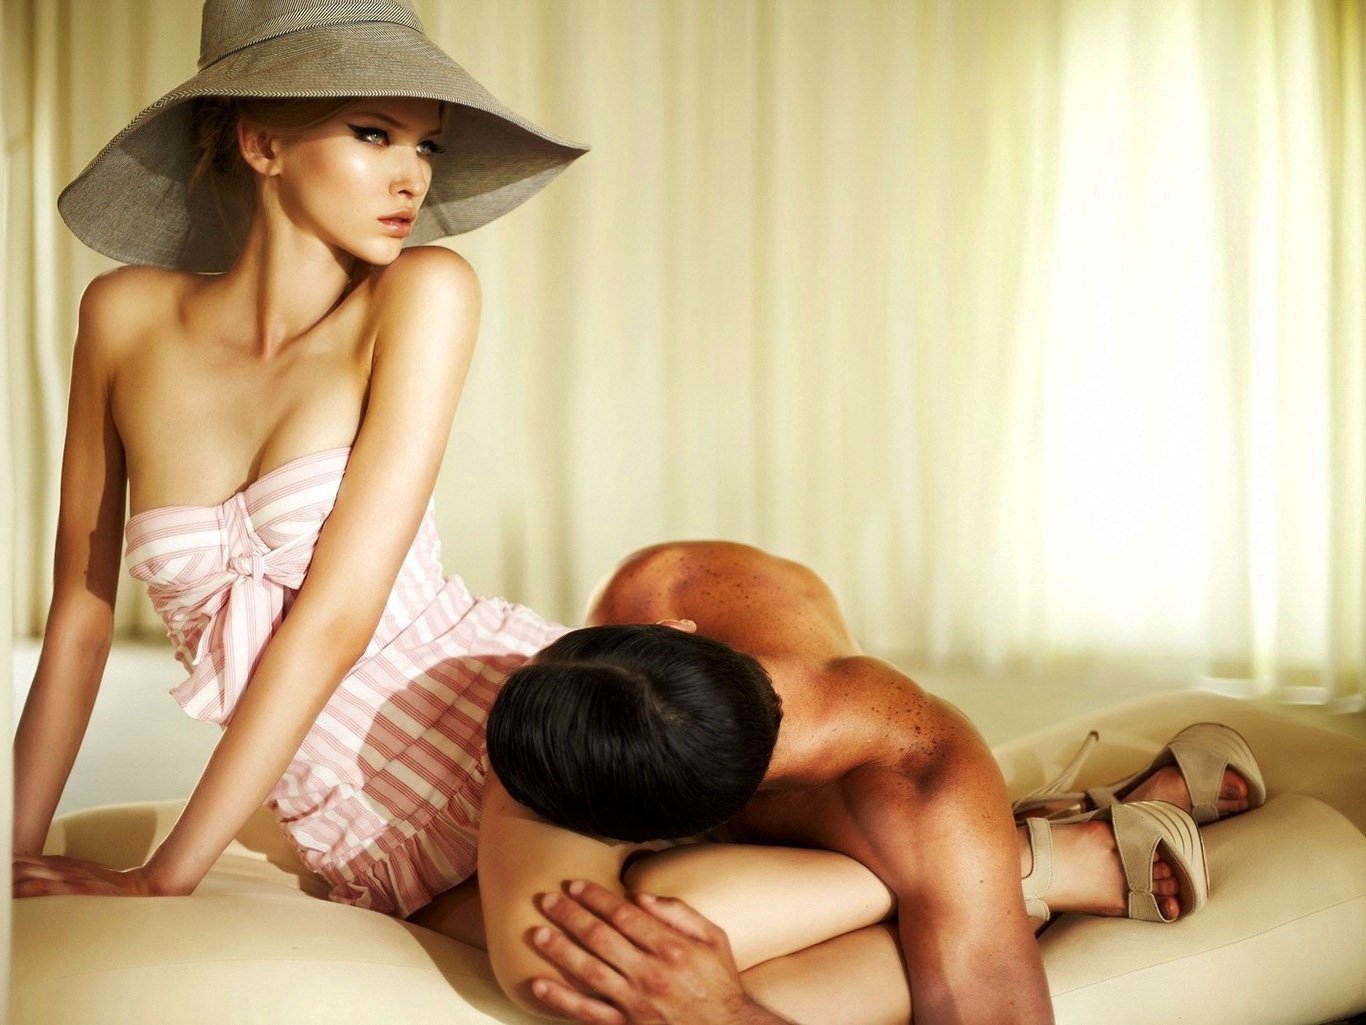 Сделай мужа рабом, Заставила непокорного мужа быть рабом 13 фотография